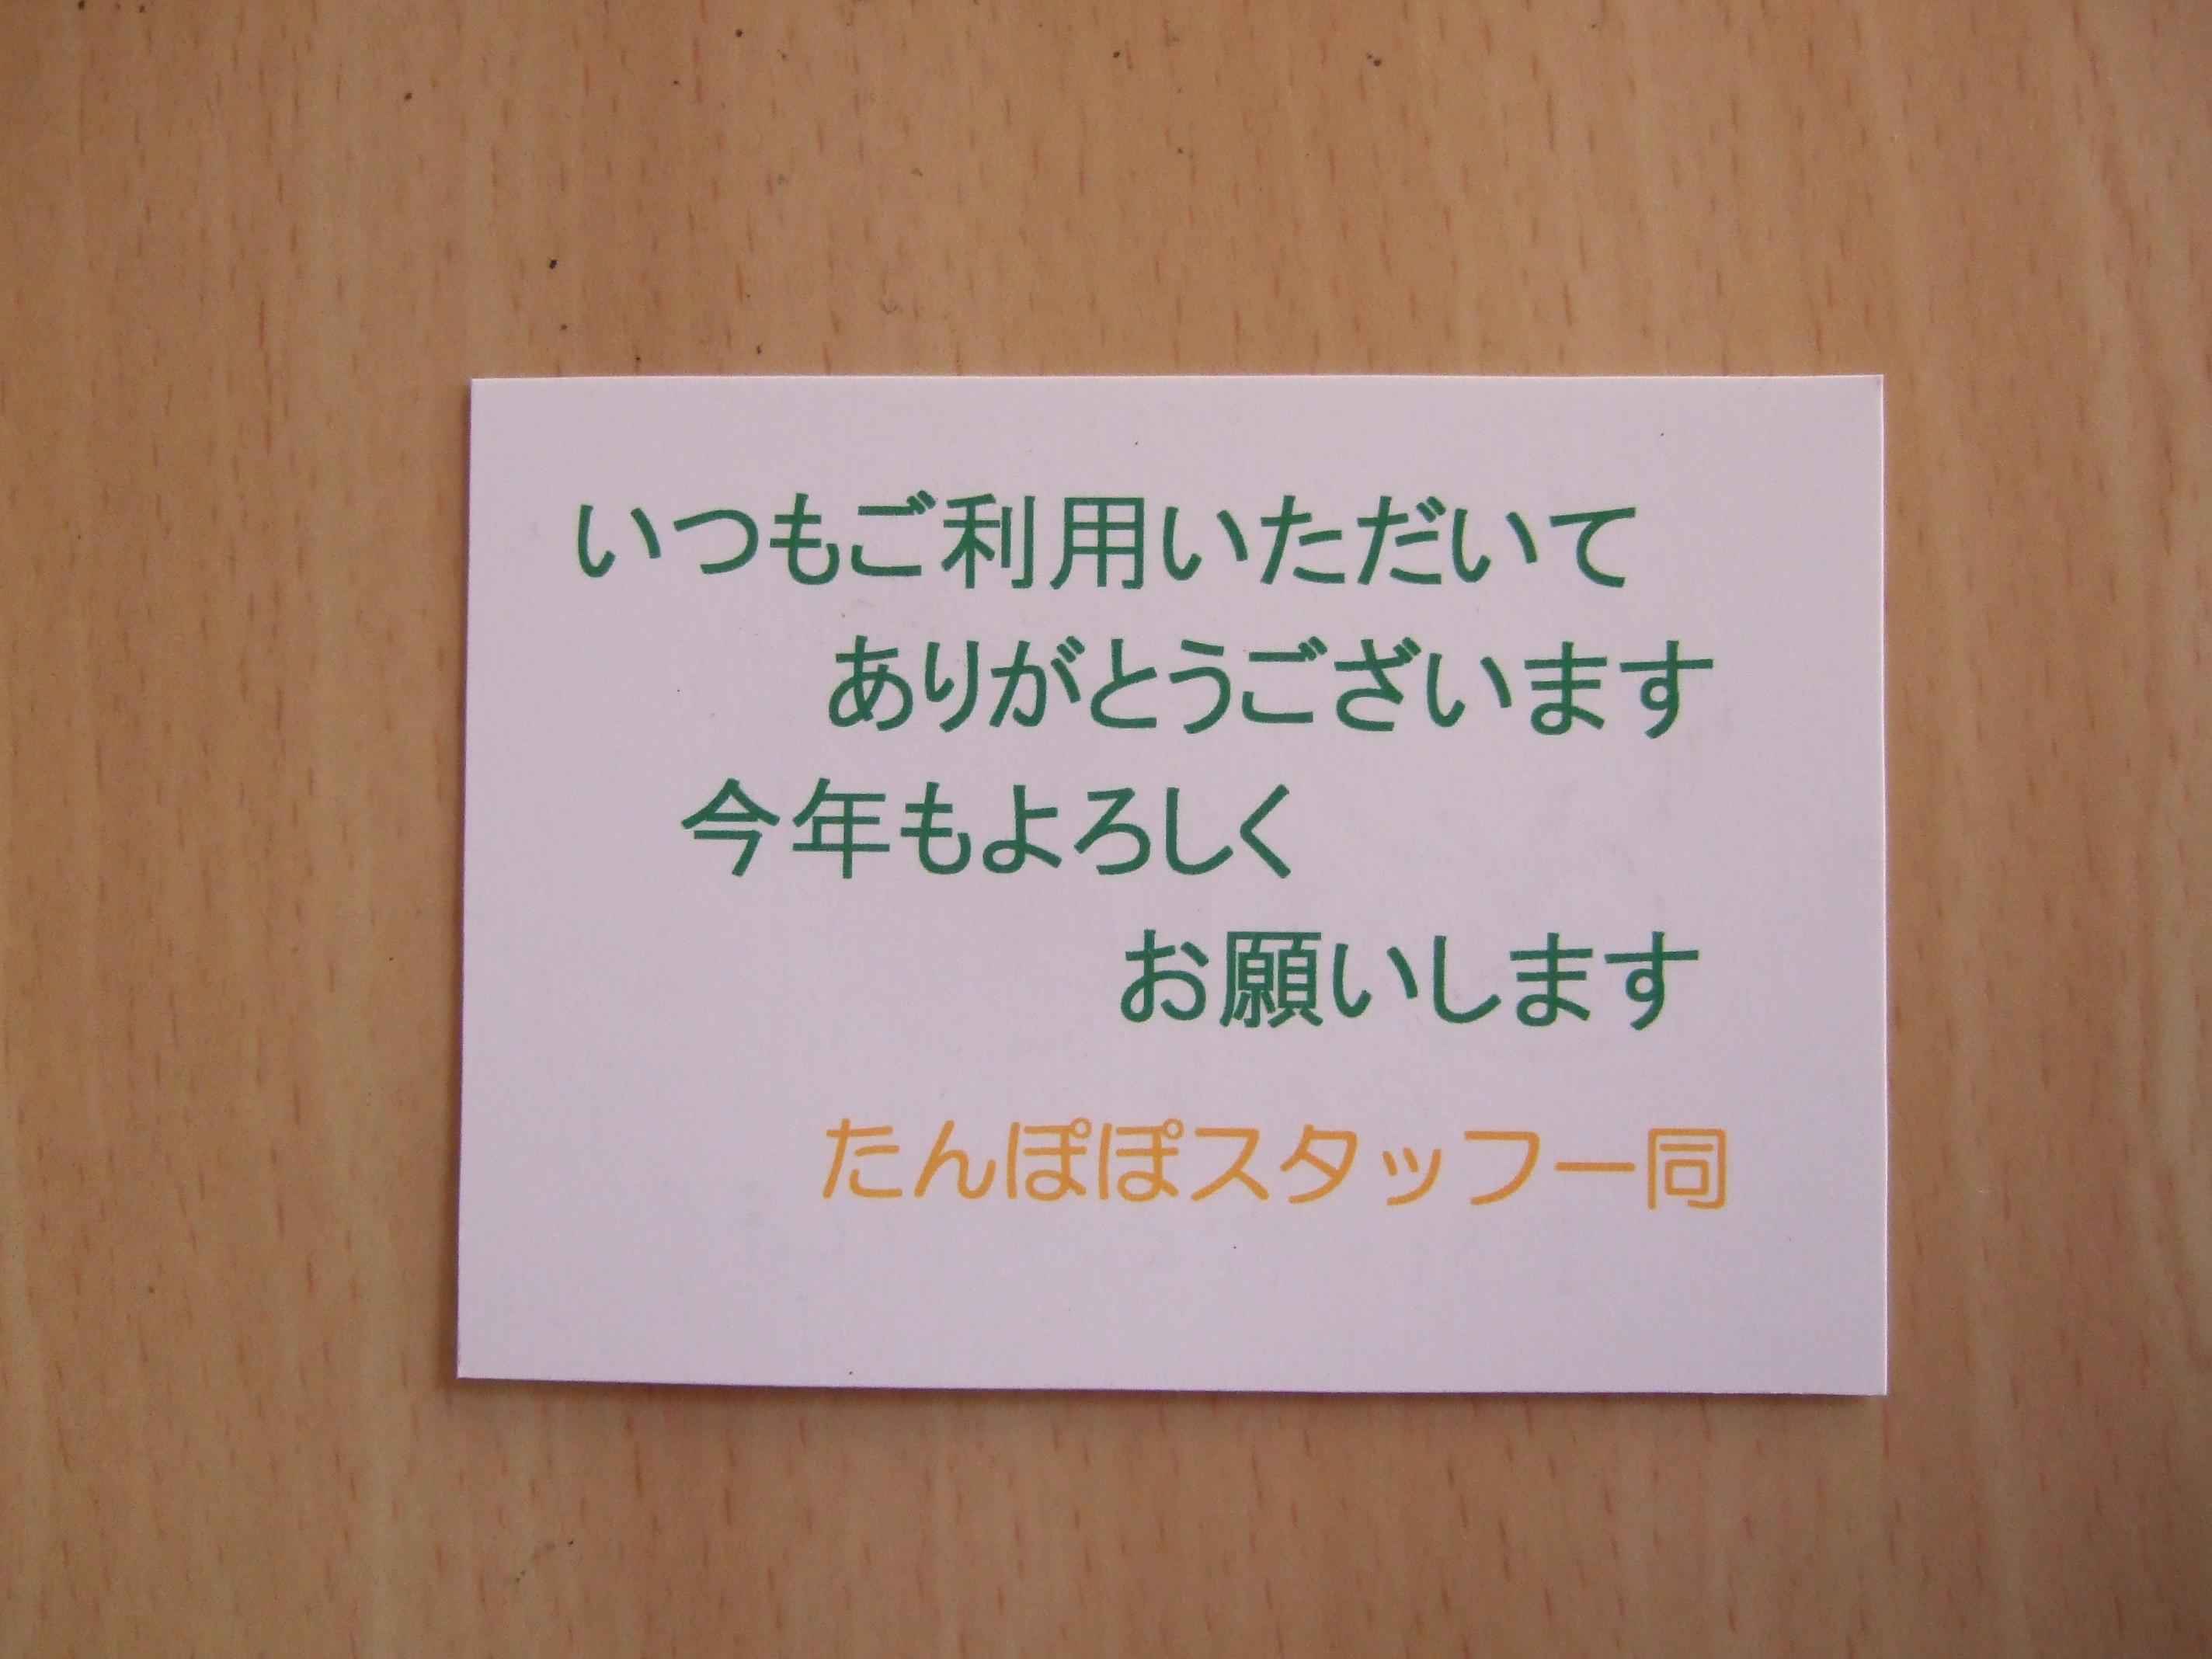 おさるさんのカードの裏にはうれしいメッセージ!また、気持ちよくお店に足を運びたくなります。